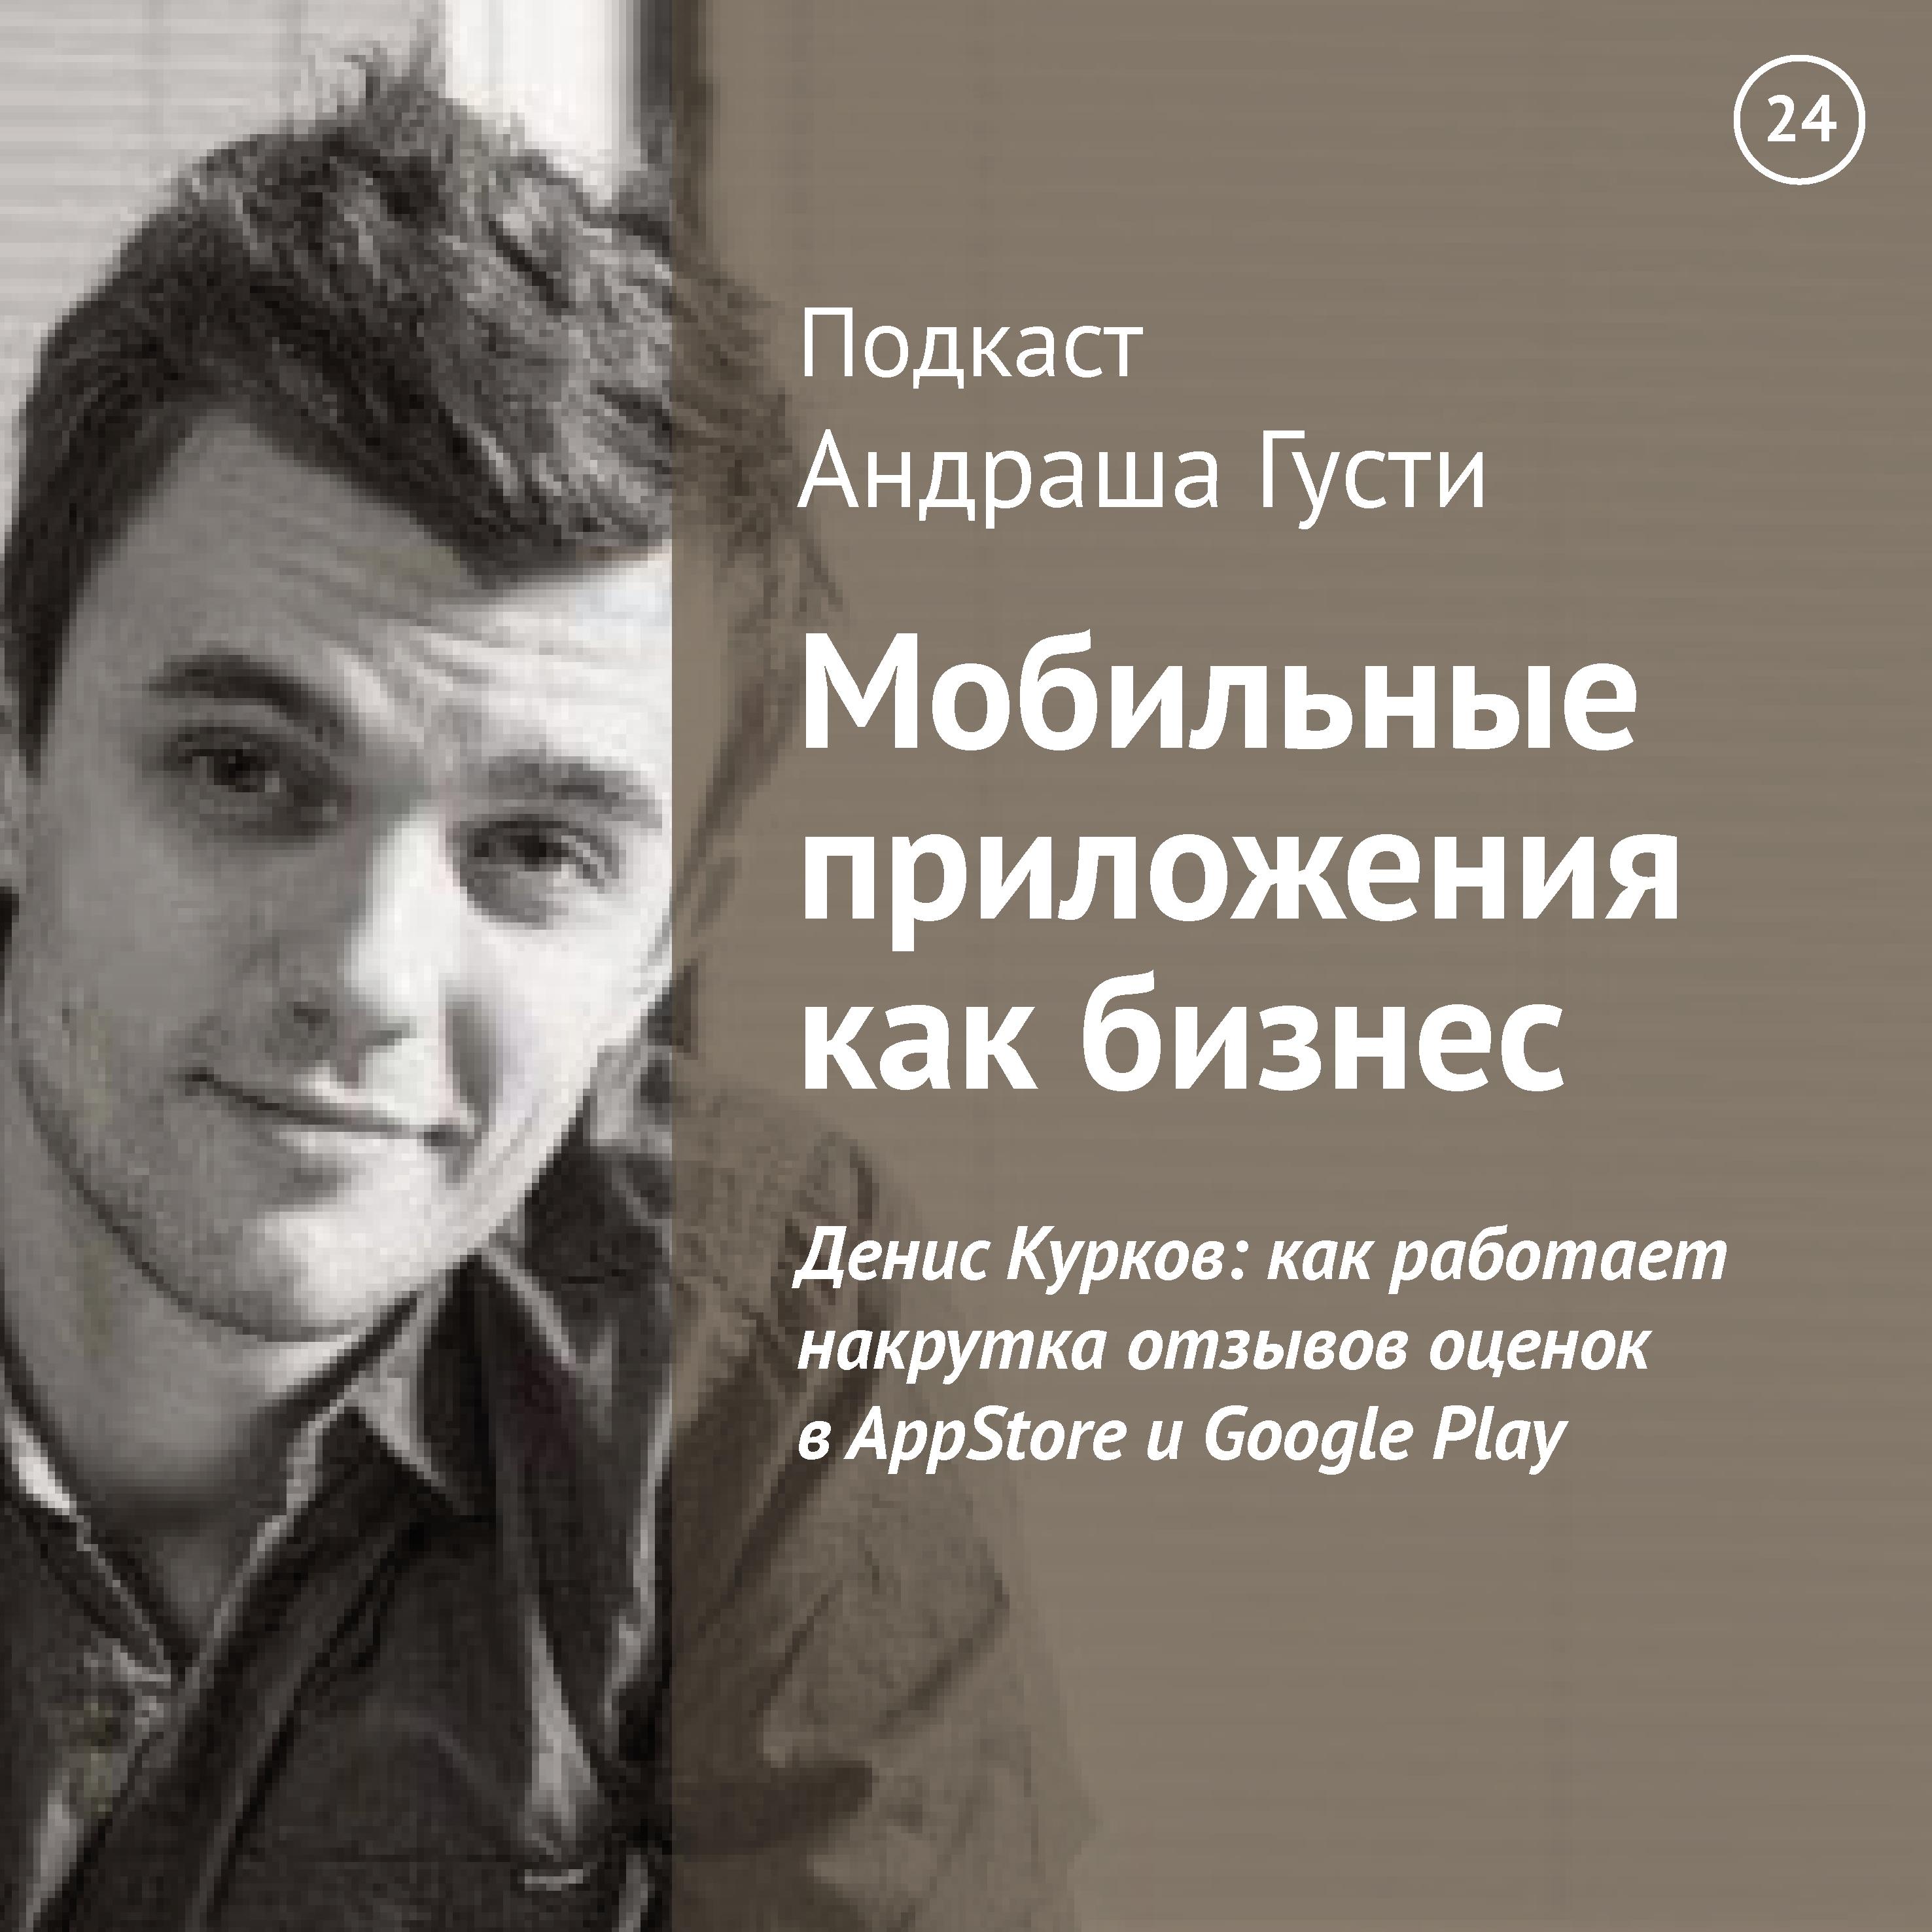 Андраш Густи Денис Курков: как работает накрутка отзывов оценок в AppStore и Google Play андраш густи денис витман прибыльные идеи